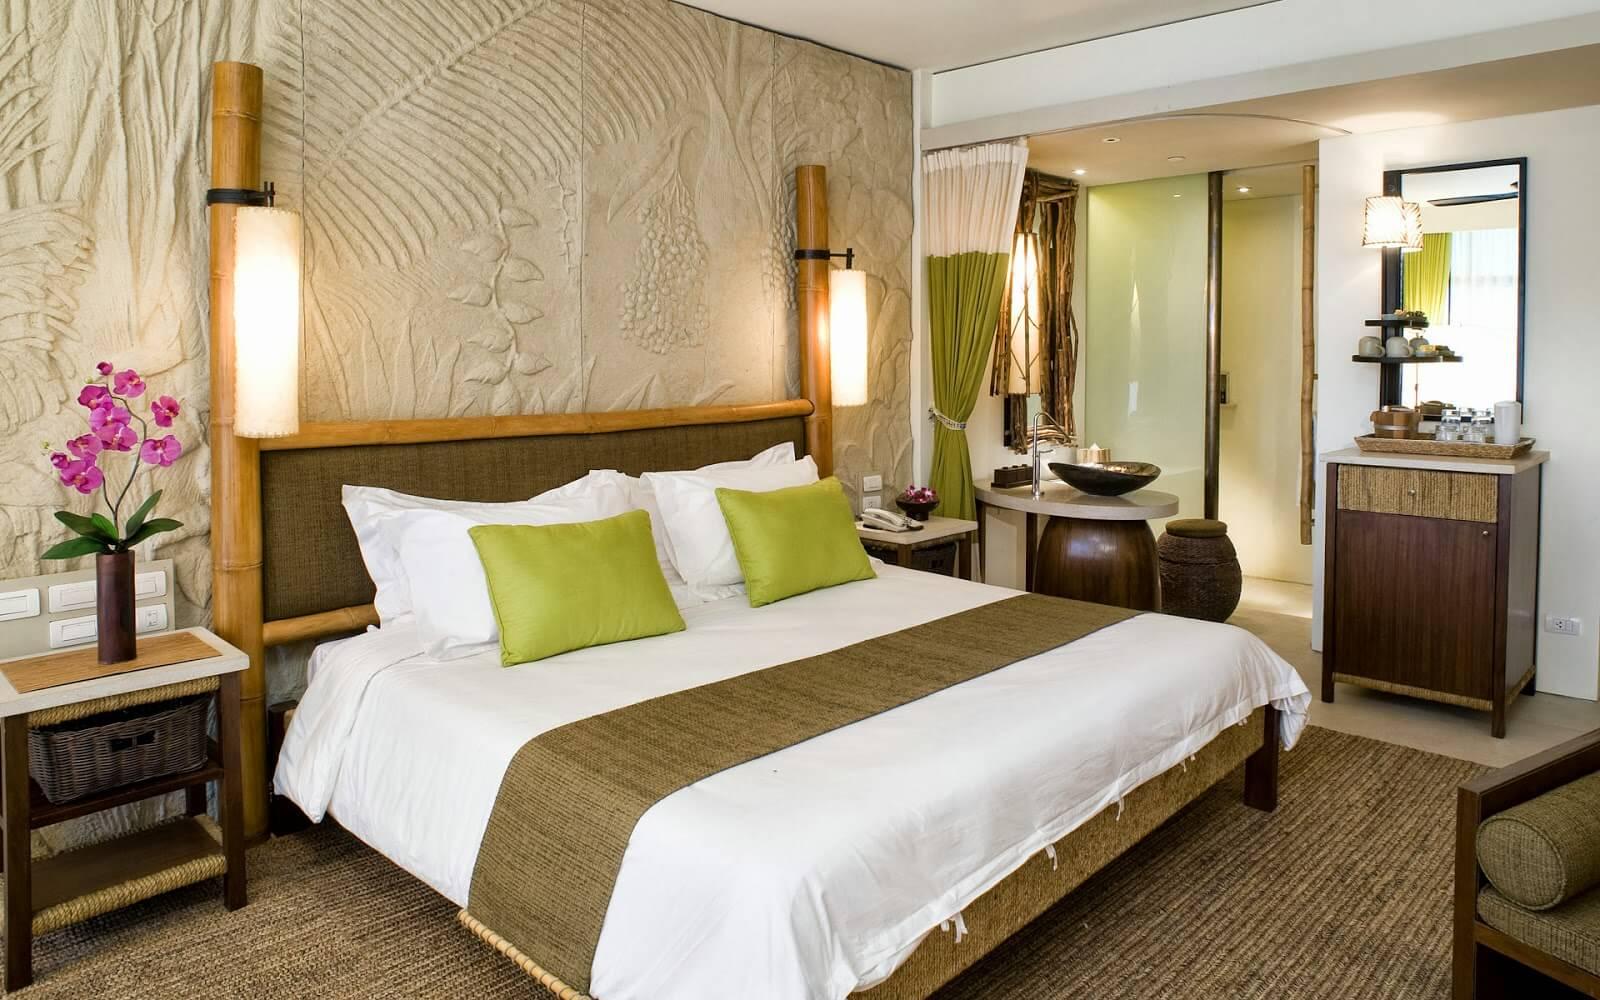 Giấy dán tường đẹp cho khách sạn